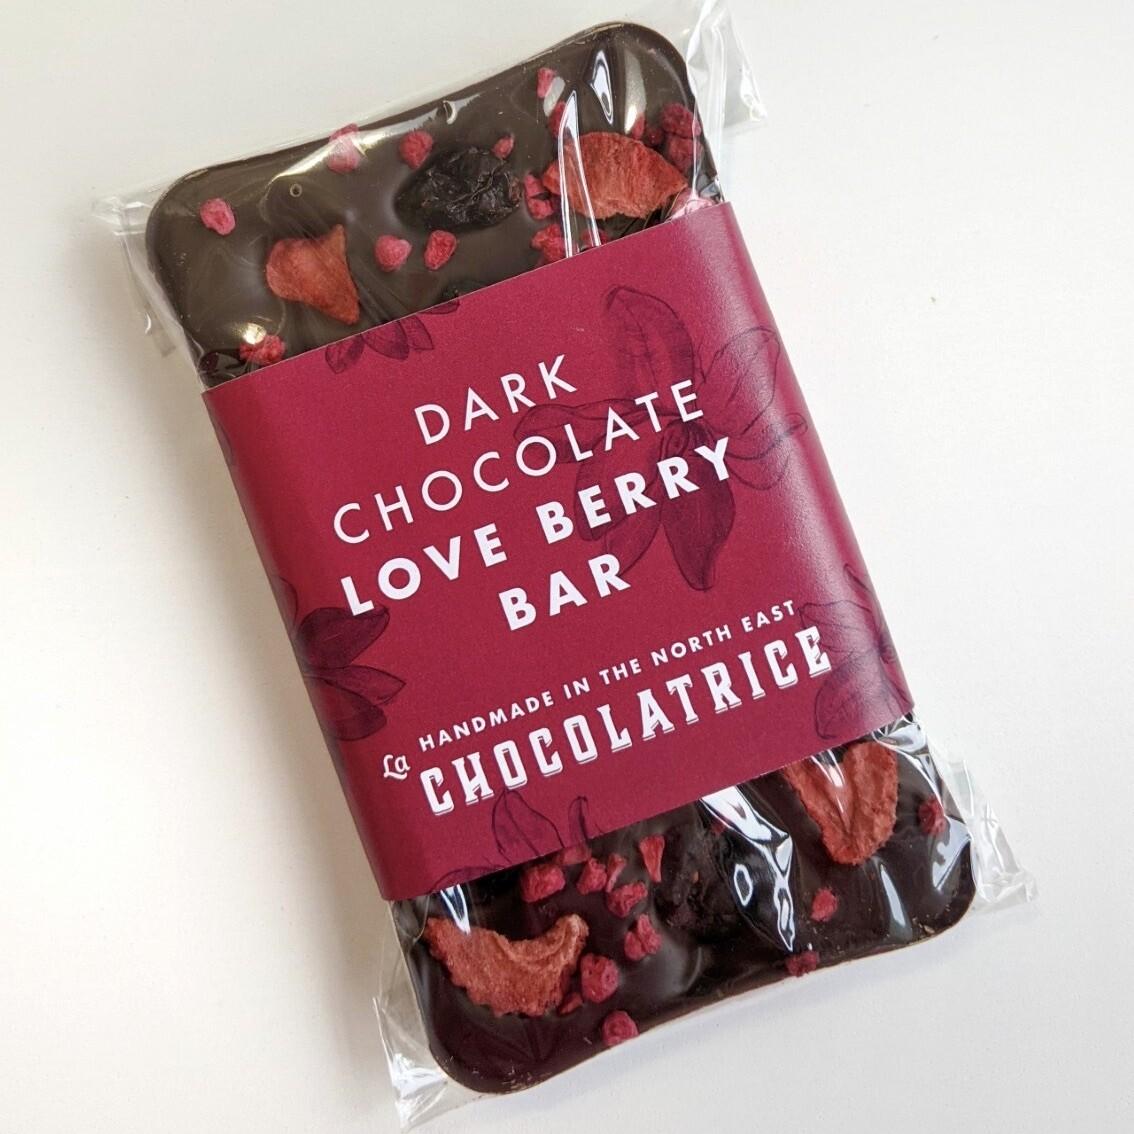 Dark Chocolate Berry Bar (dairy-free)